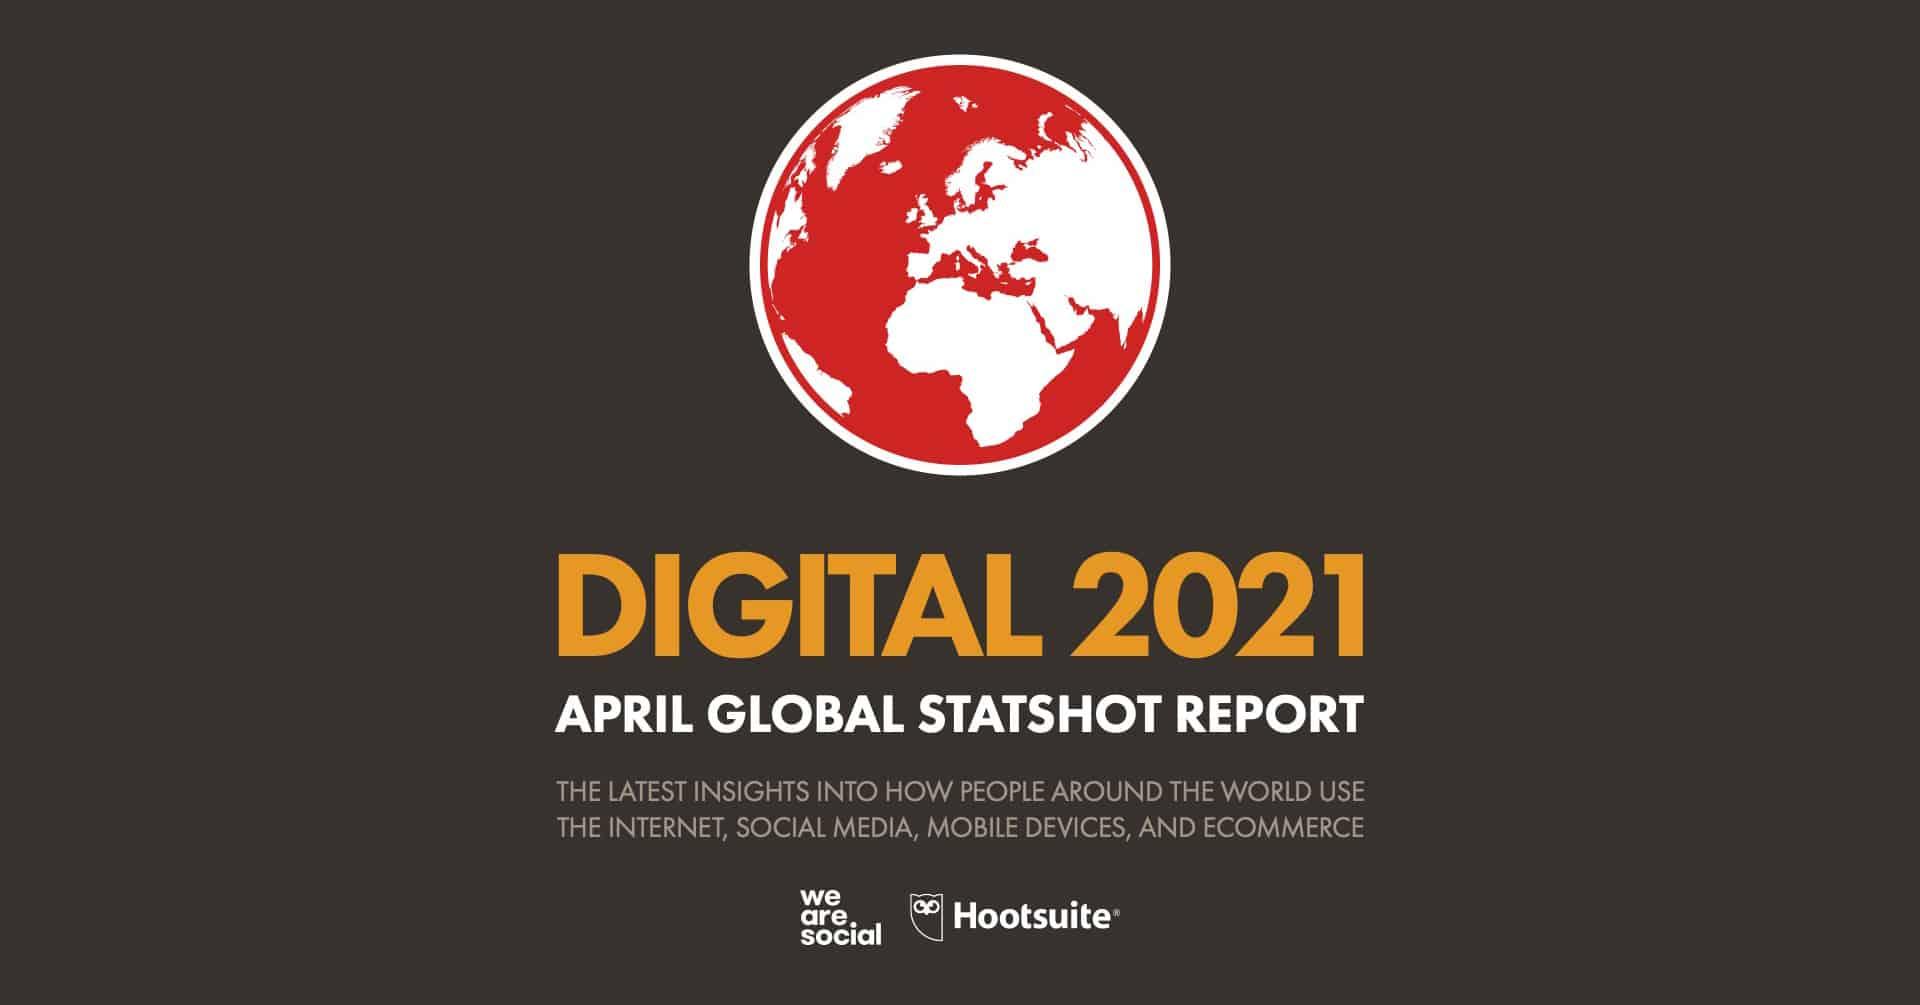 สรุปรายงาน Digital Stat 2021 ฉบับเดือนเมษายน ที่กระทบการตลาดออนไลน์ไทย